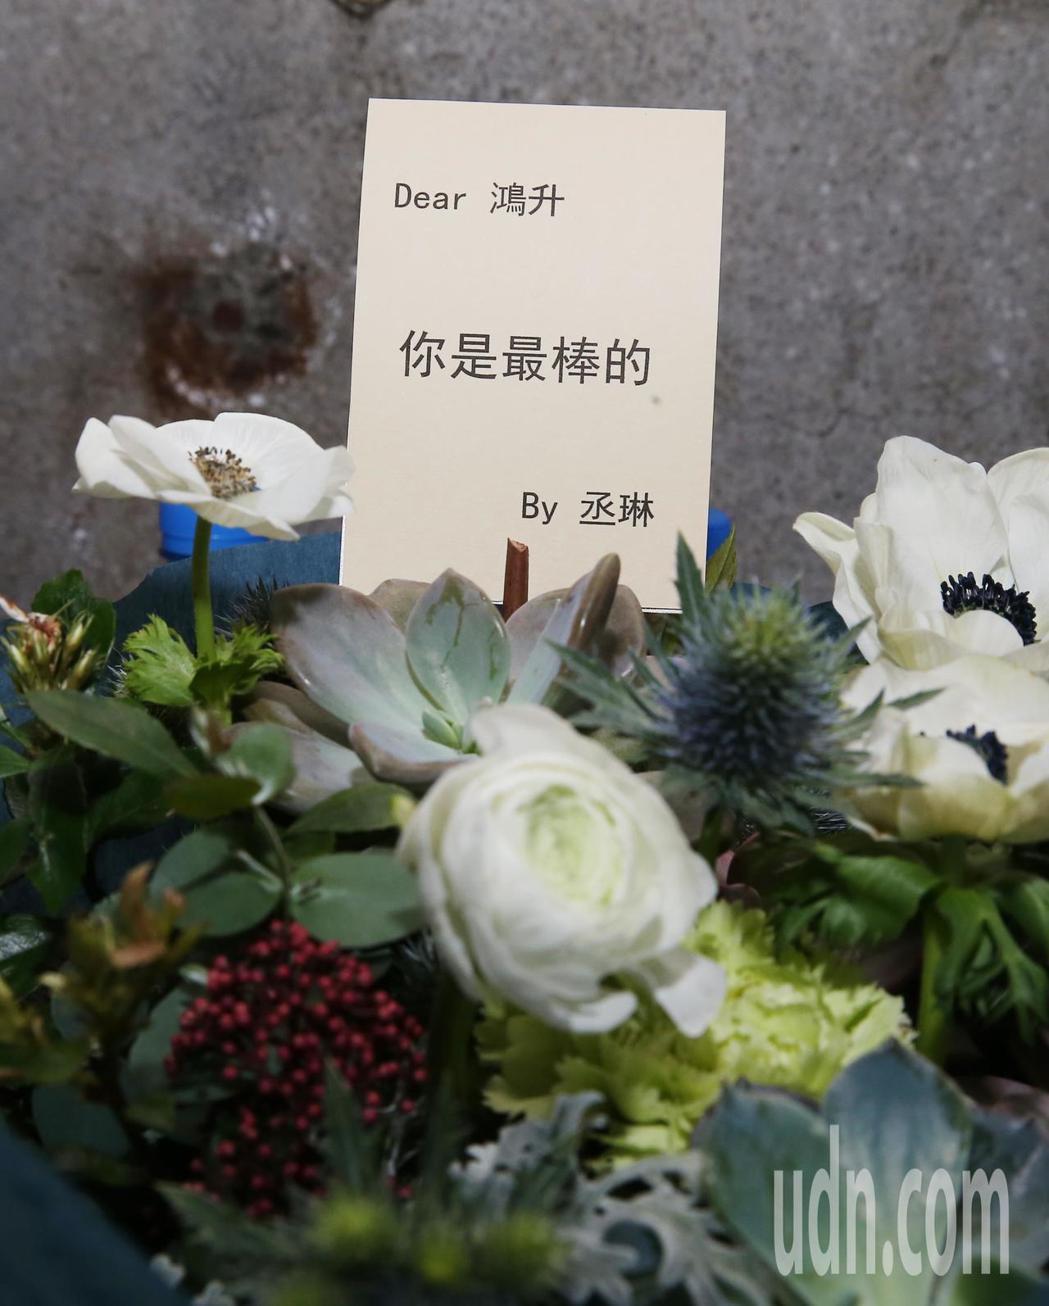 楊丞琳特地送來花籃,並在卡片上寫下「Dear鴻升 你是最棒的」。記者徐兆玄/攝影